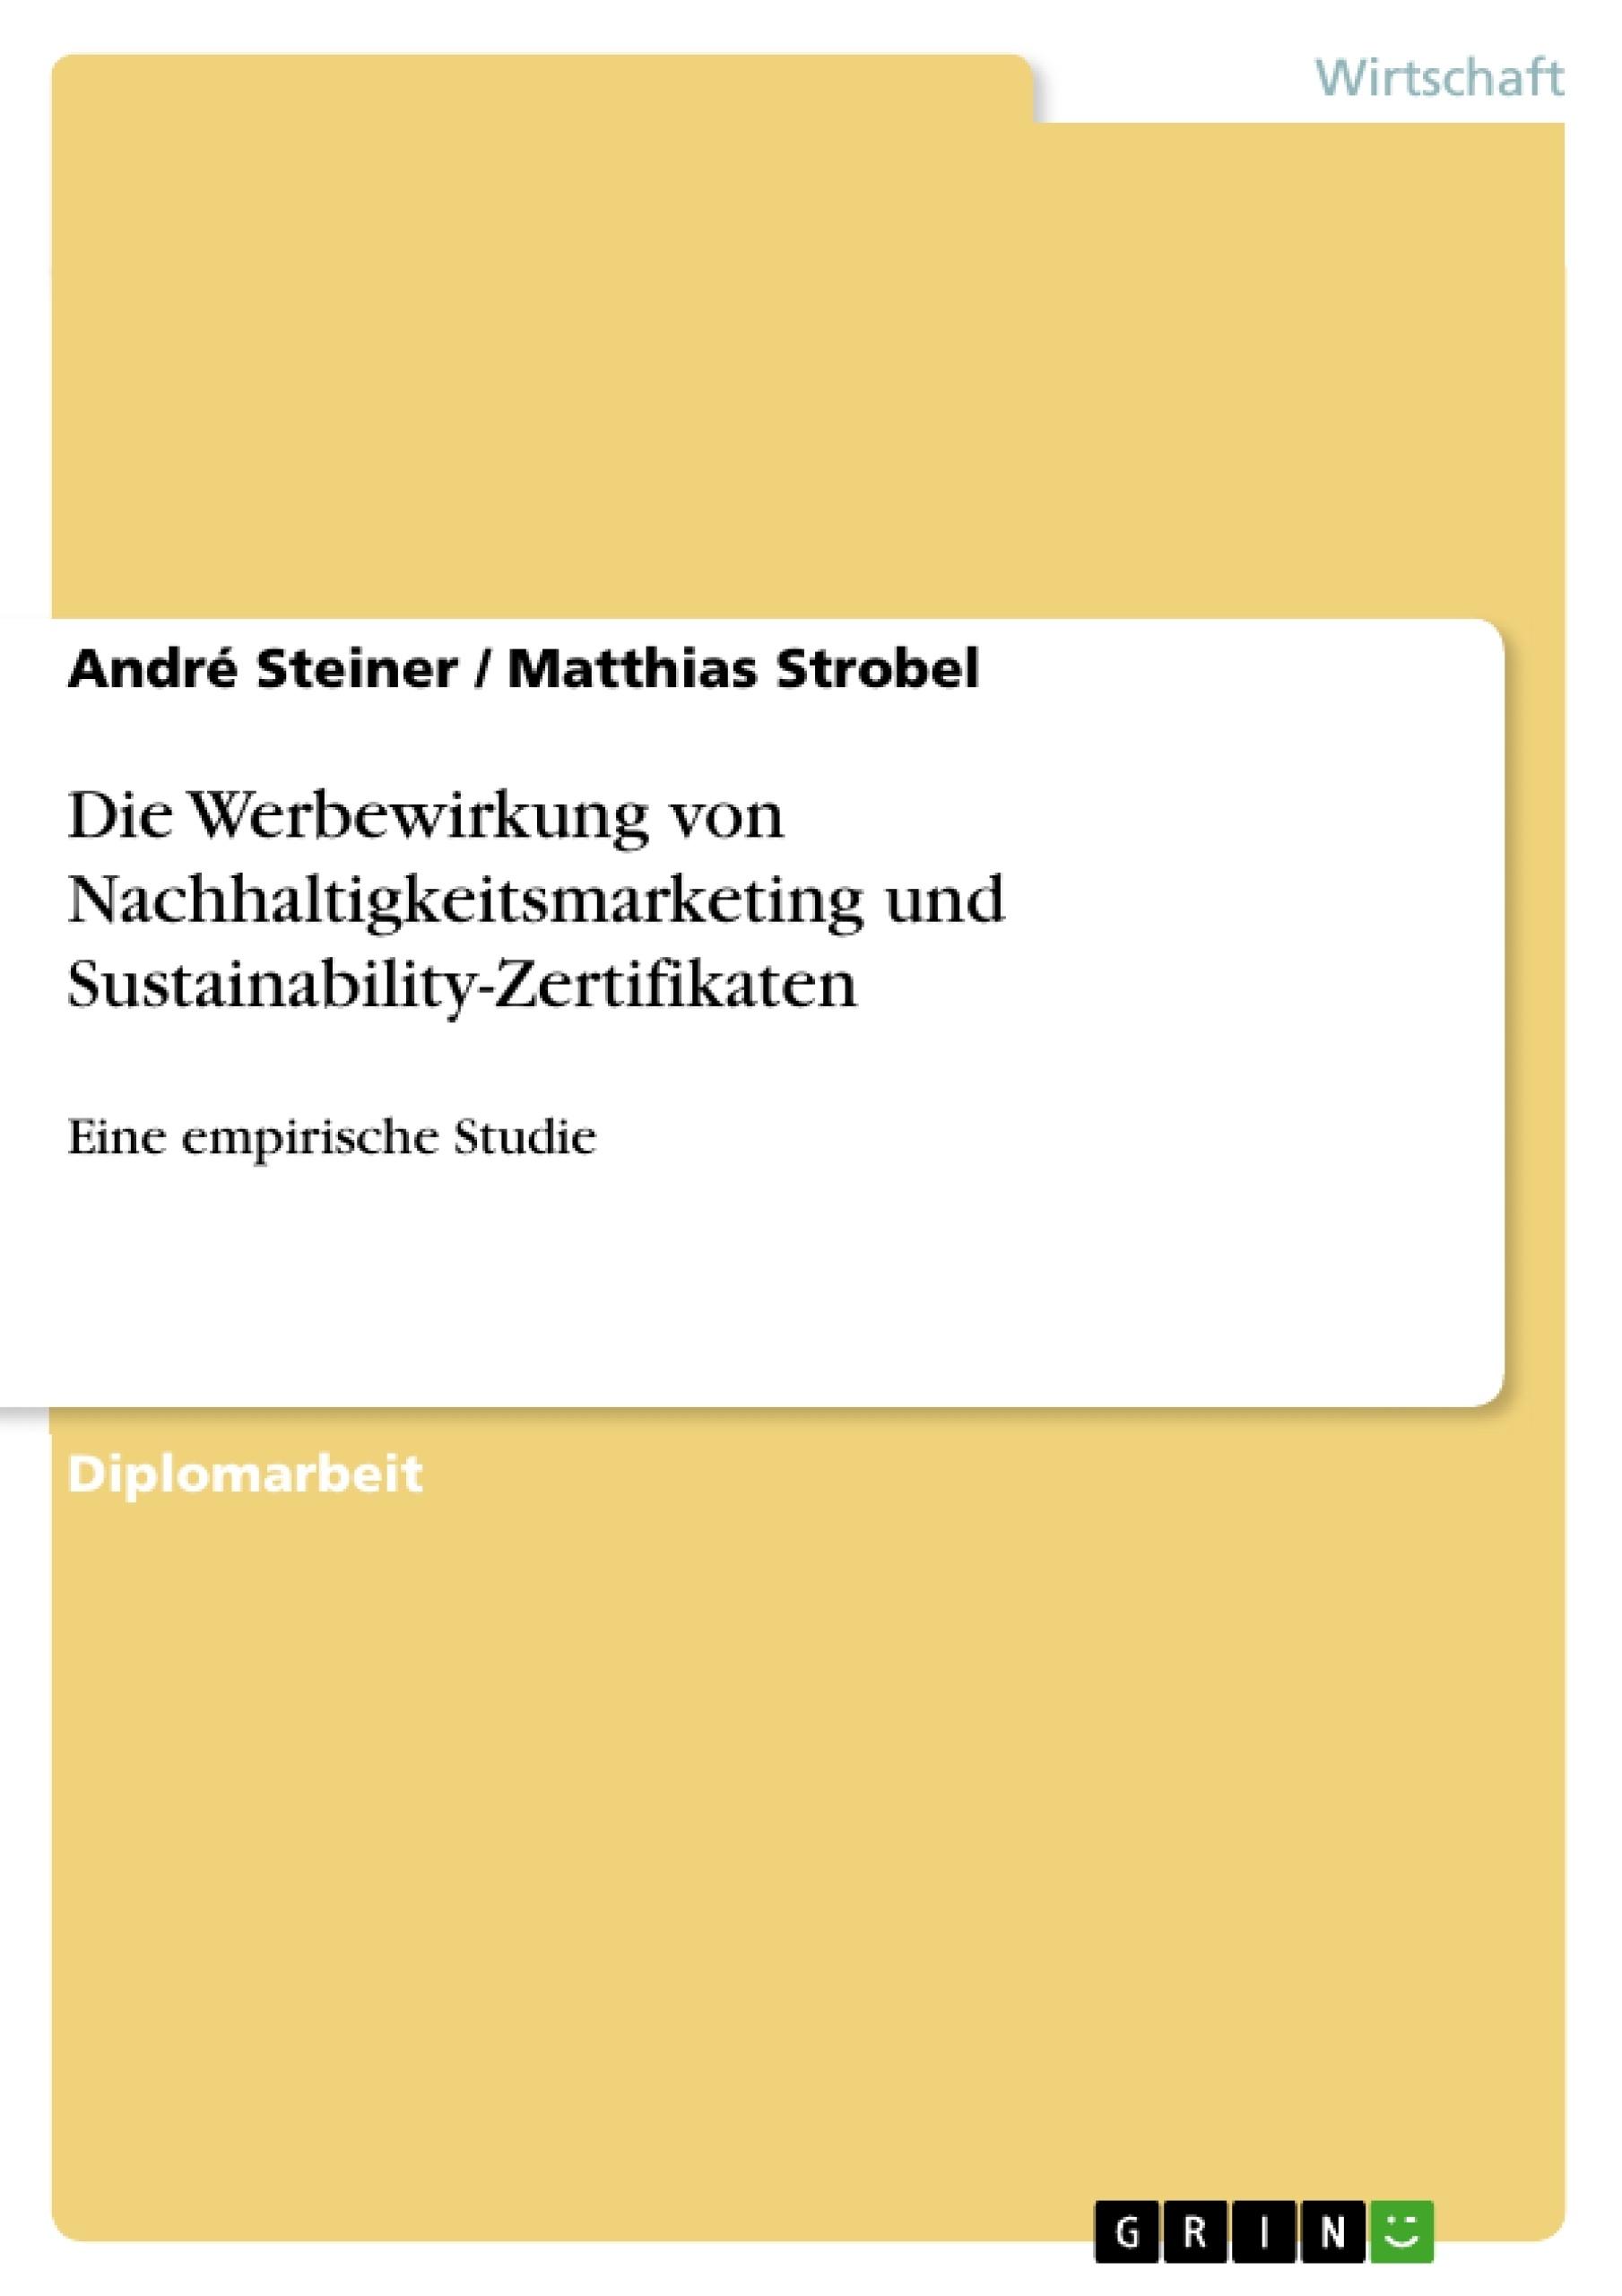 Titel: Die Werbewirkung von Nachhaltigkeitsmarketing und Sustainability-Zertifikaten